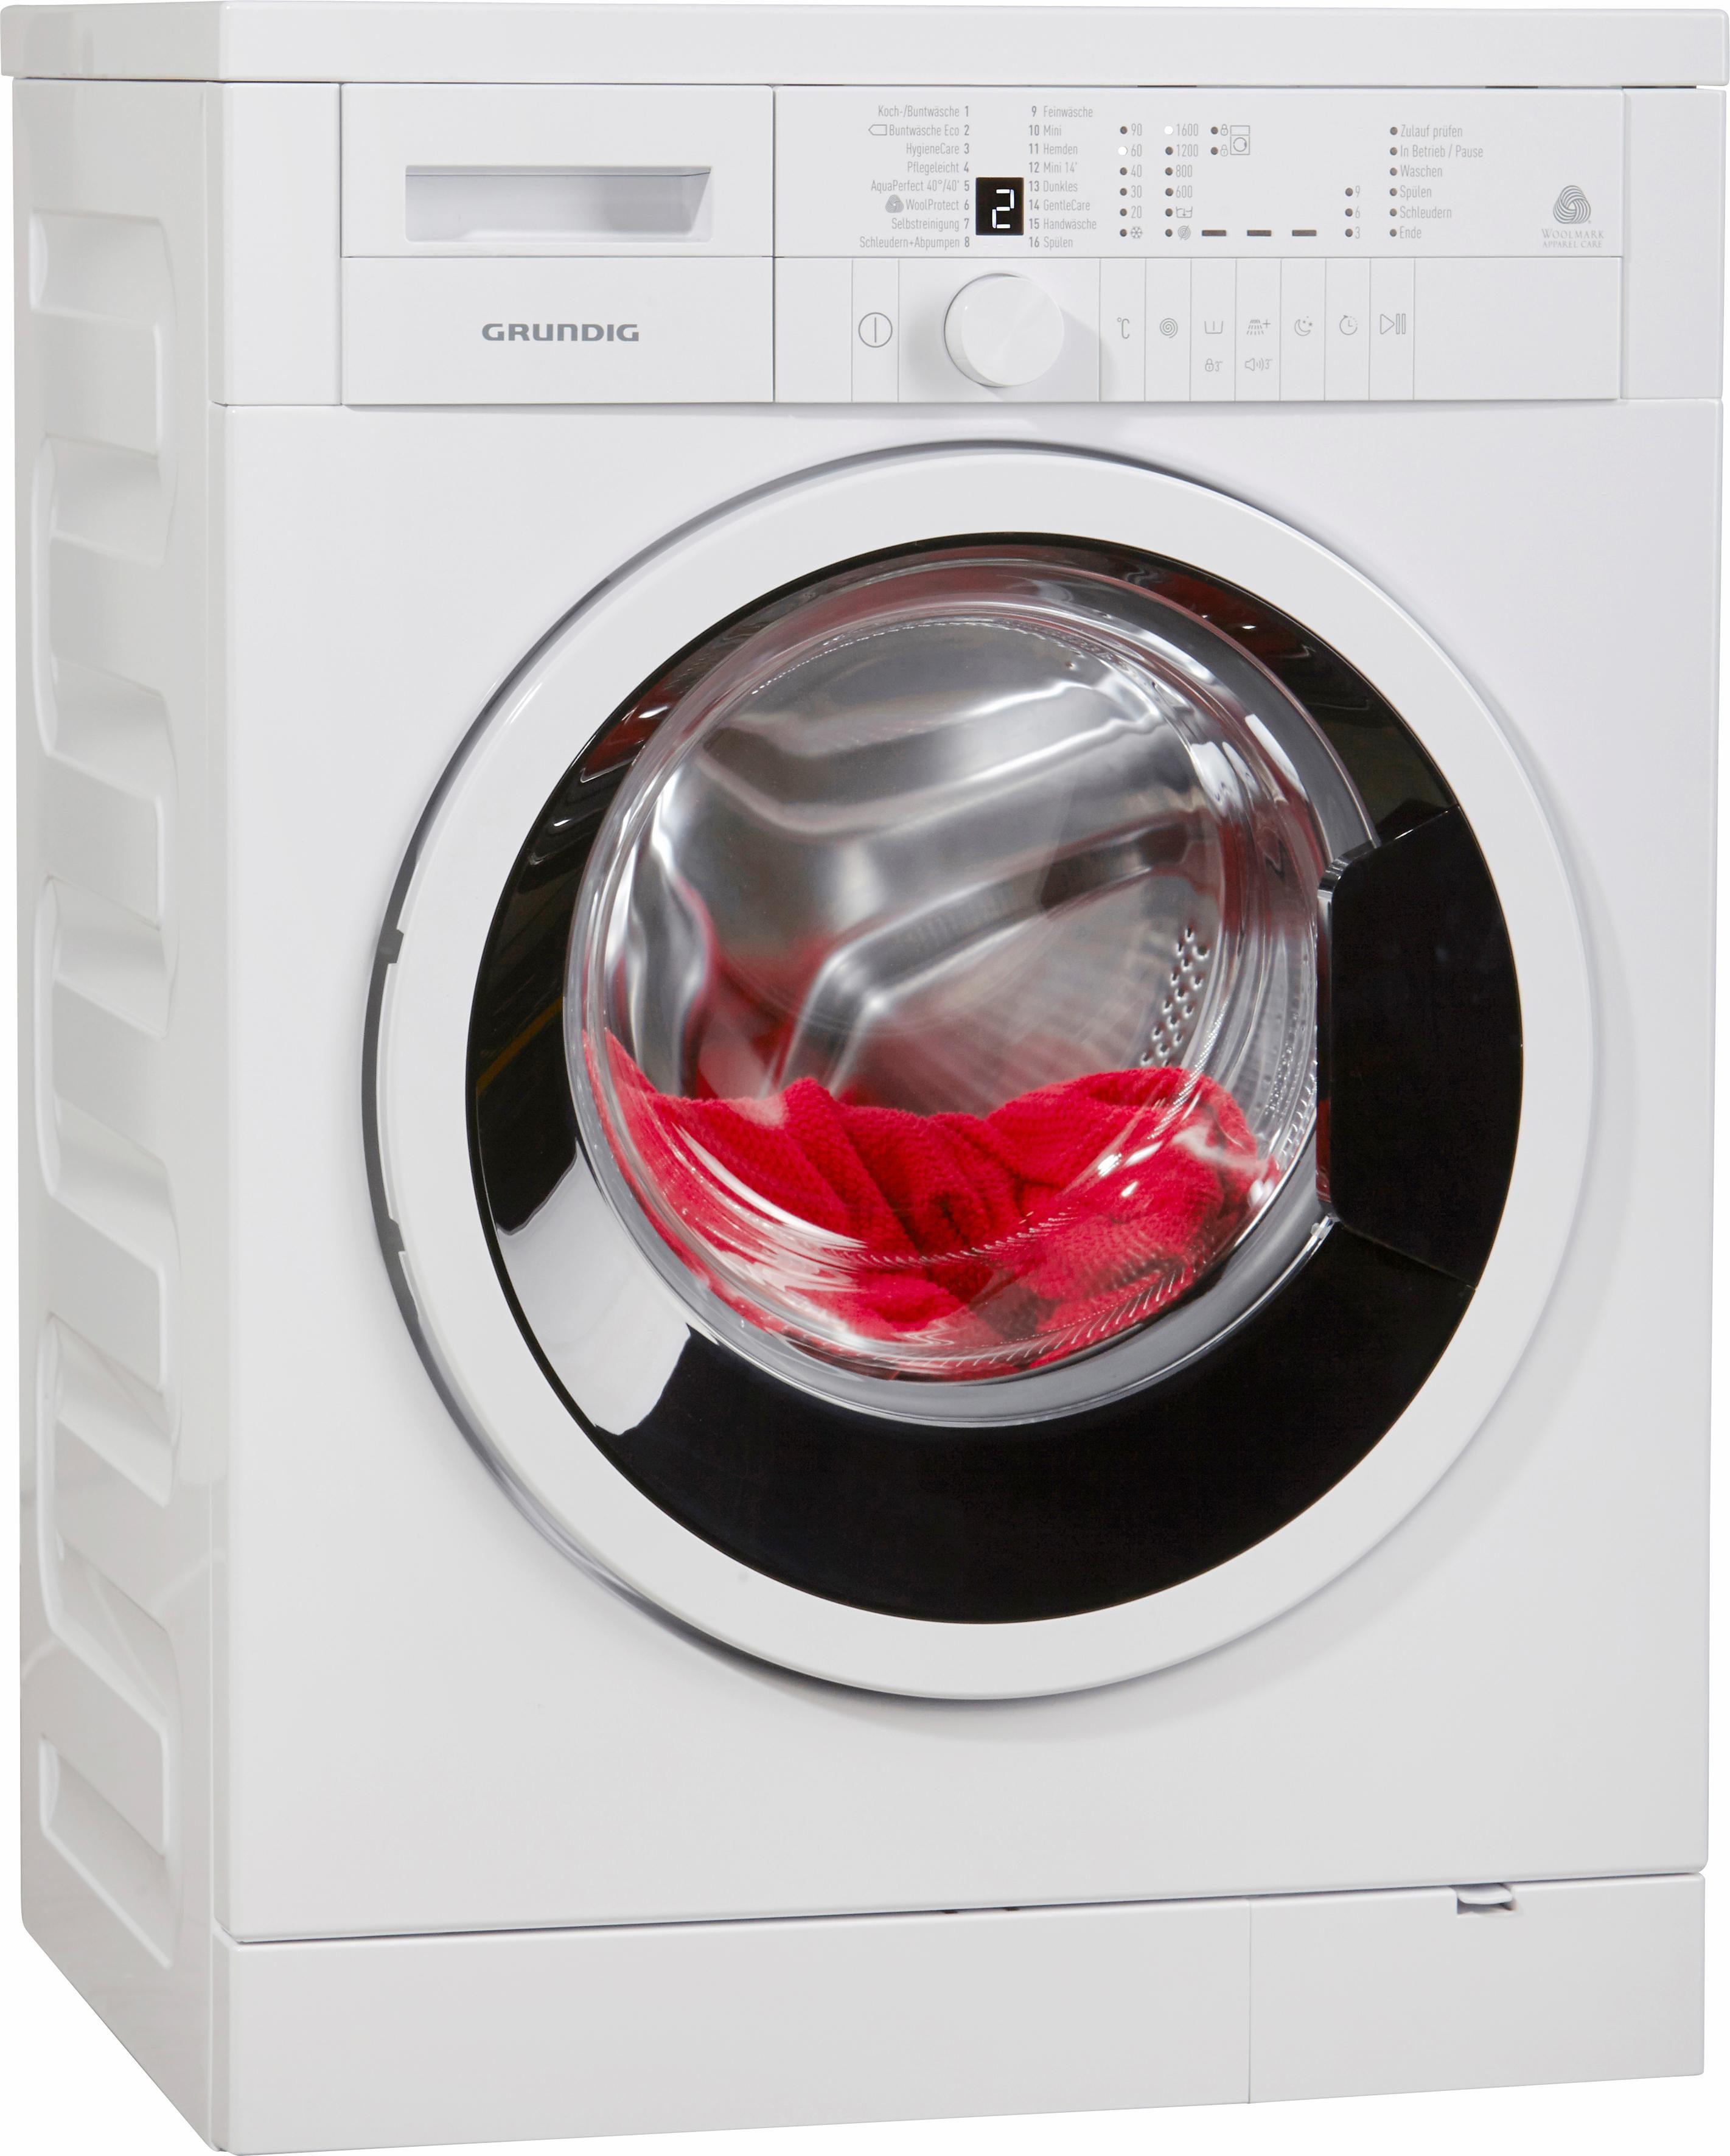 Grundig Waschmaschine GWN 26630, A+++, 6 kg, 1600 U/Min